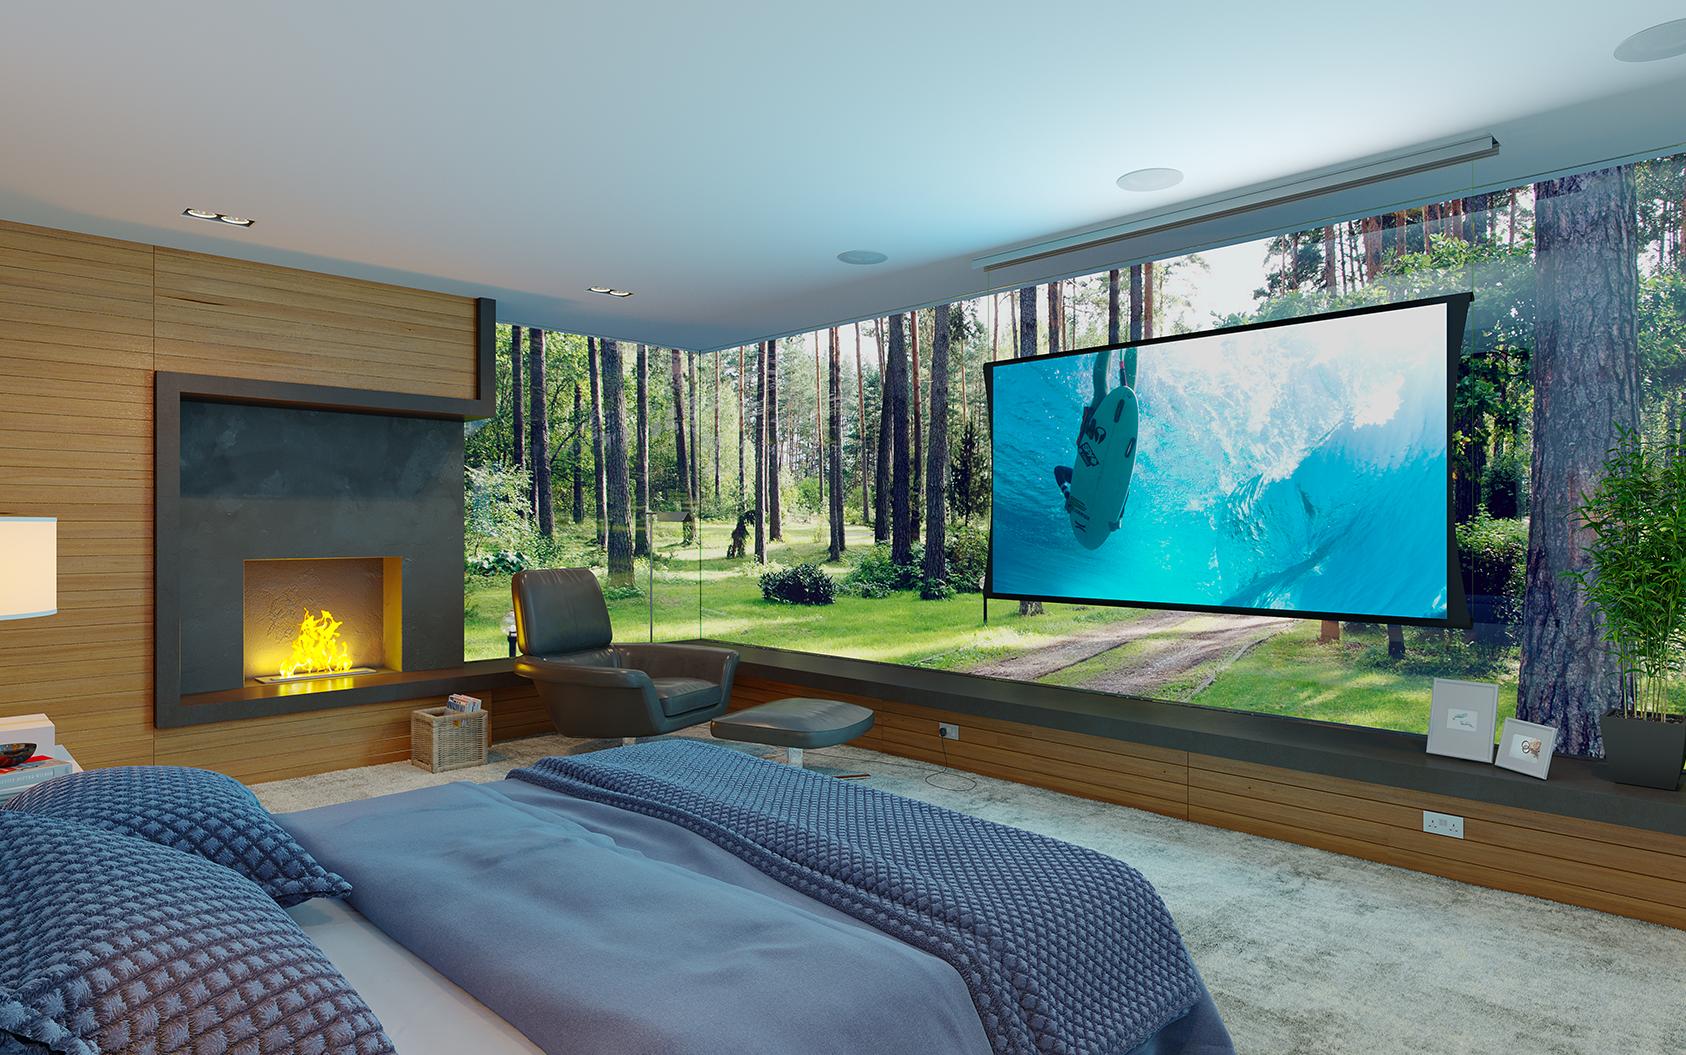 Zero-G Bedroom Projection Screen default-thumb